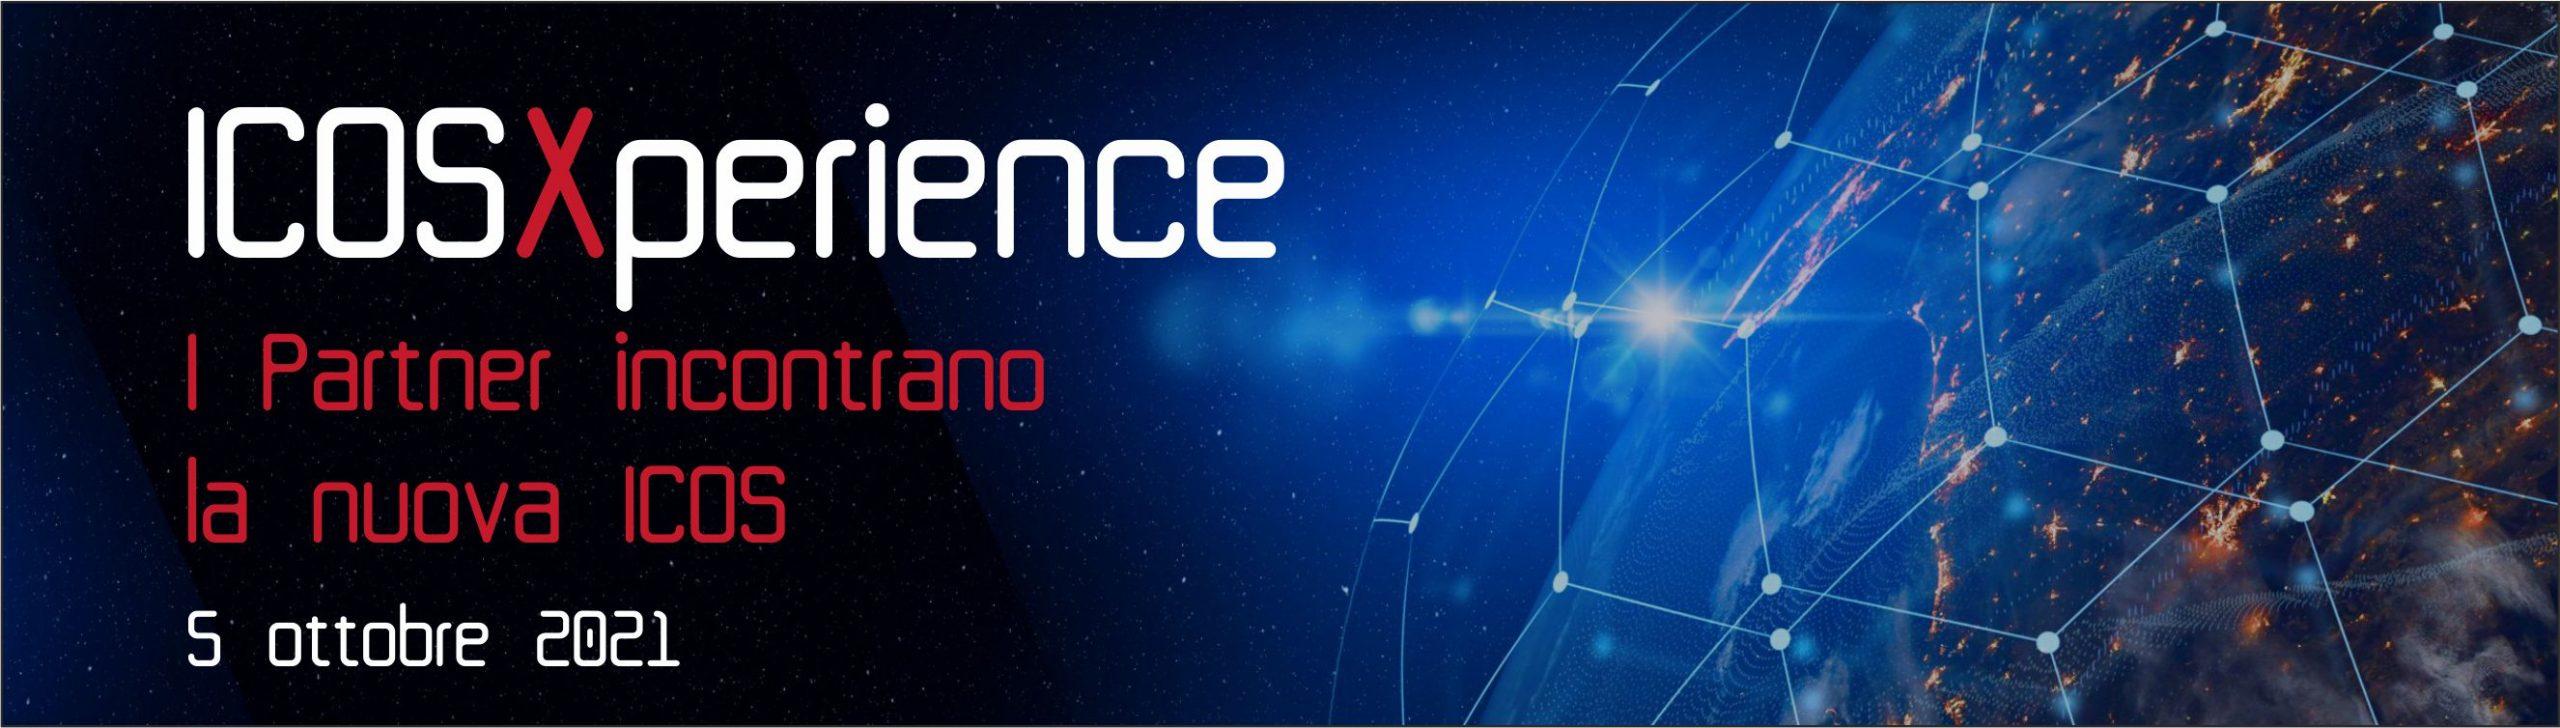 Banner ICOSXperience 2021